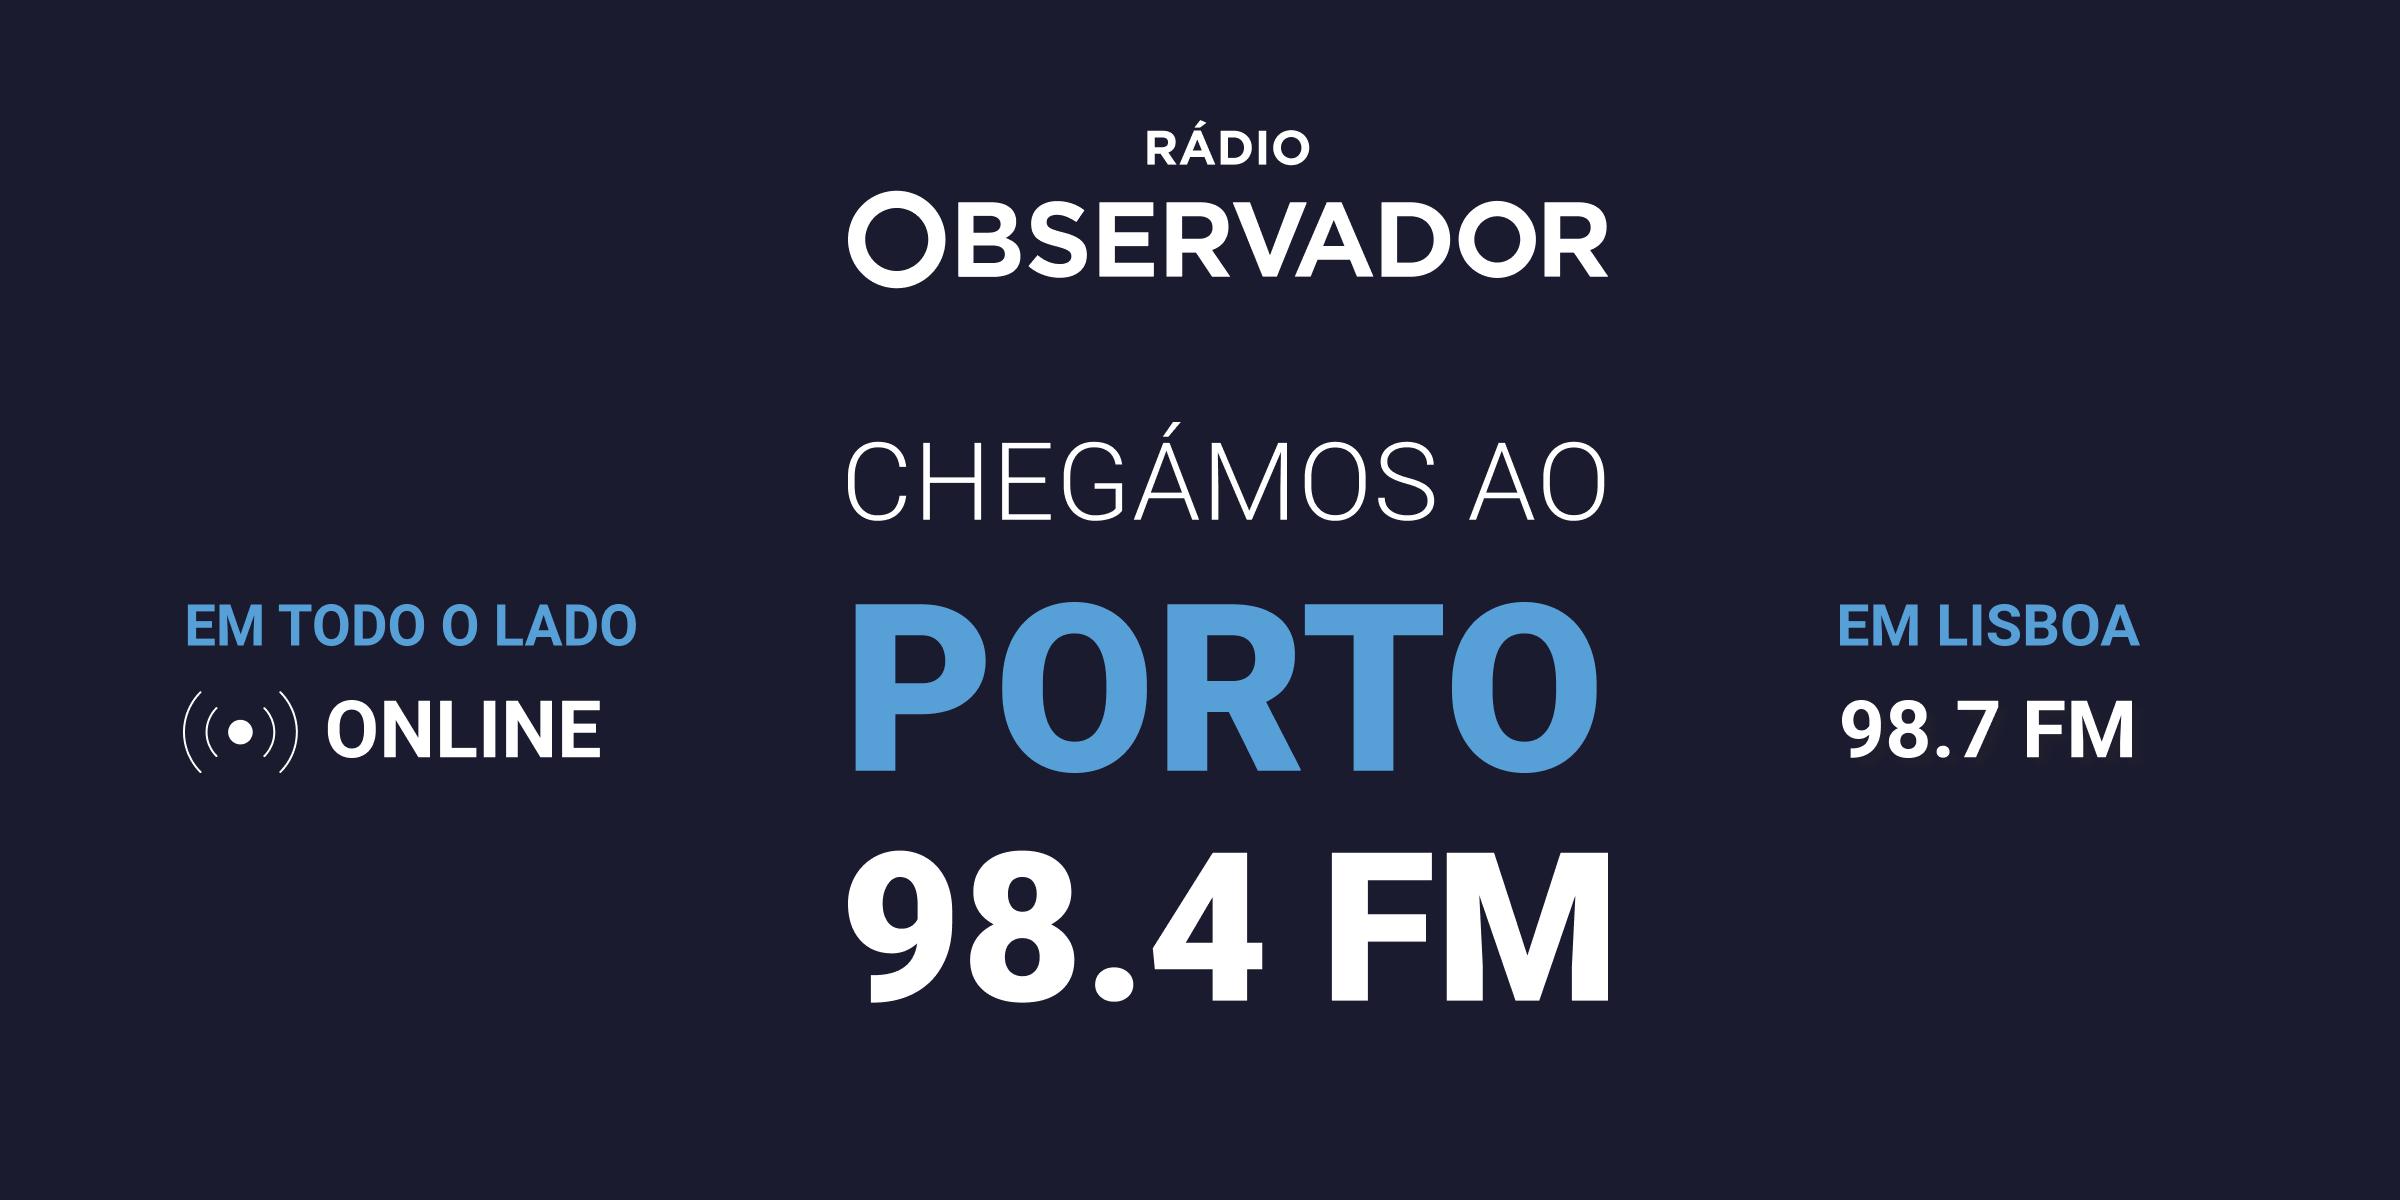 Chegámos ao Porto. 98.4FM